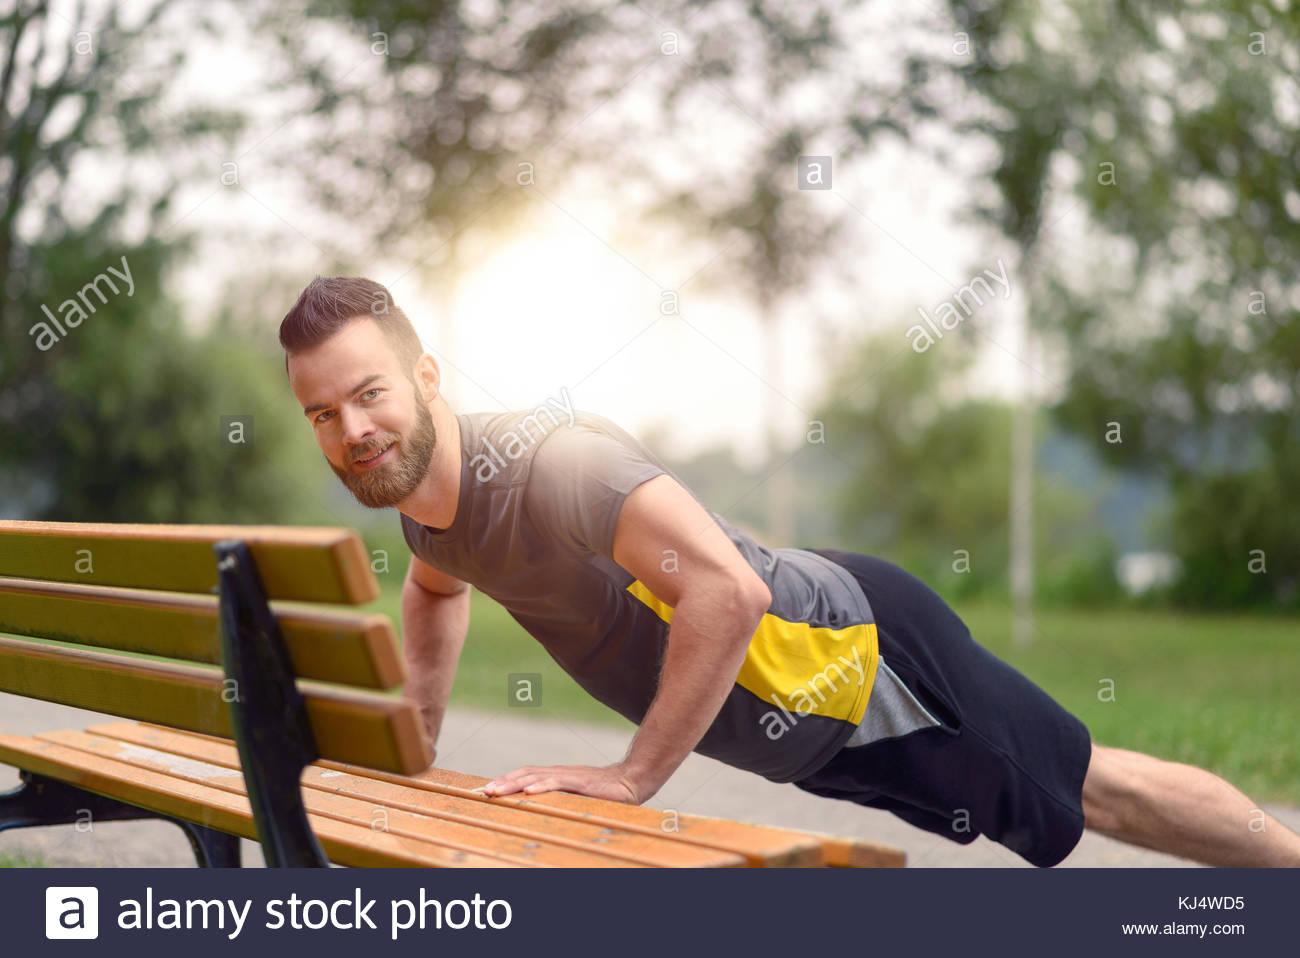 Giovane uomo facendo push-ups in un parco Immagini Stock